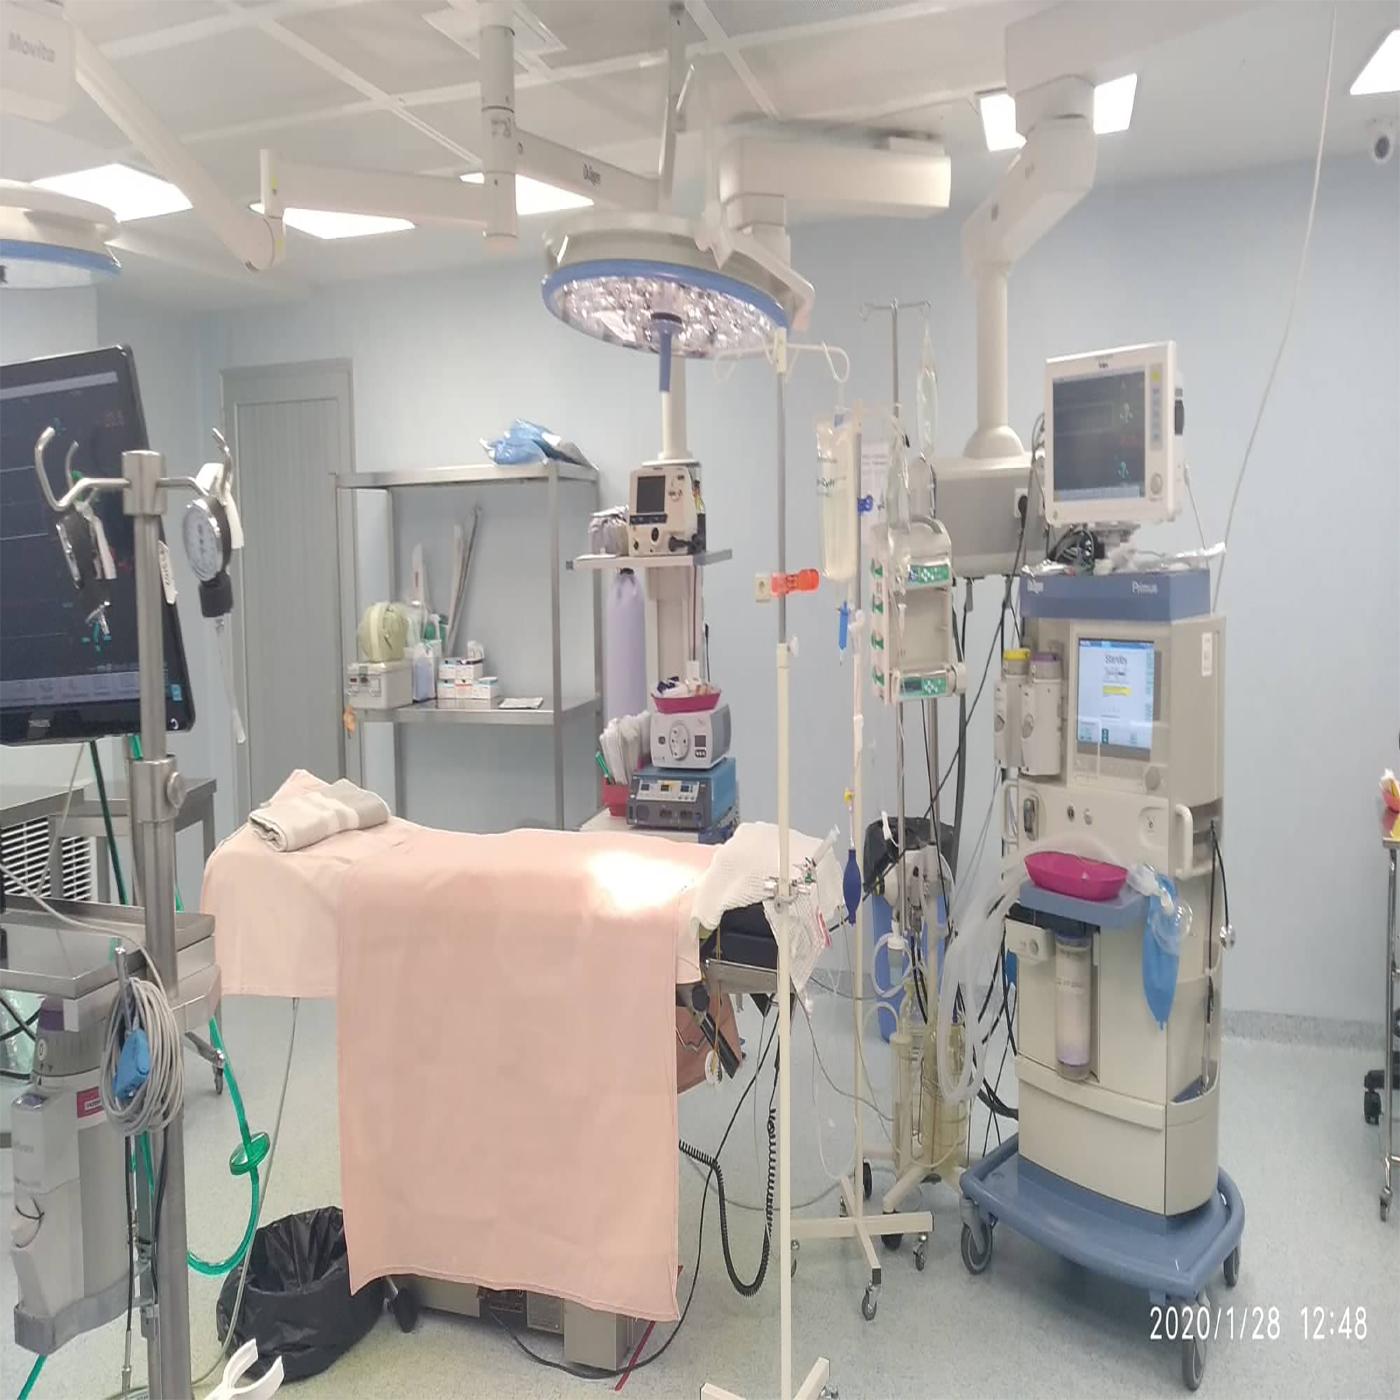 Բաբախող սիրտը՝ ափի մեջ․ բացառիկ վիրահատություններ անող բժիշկը